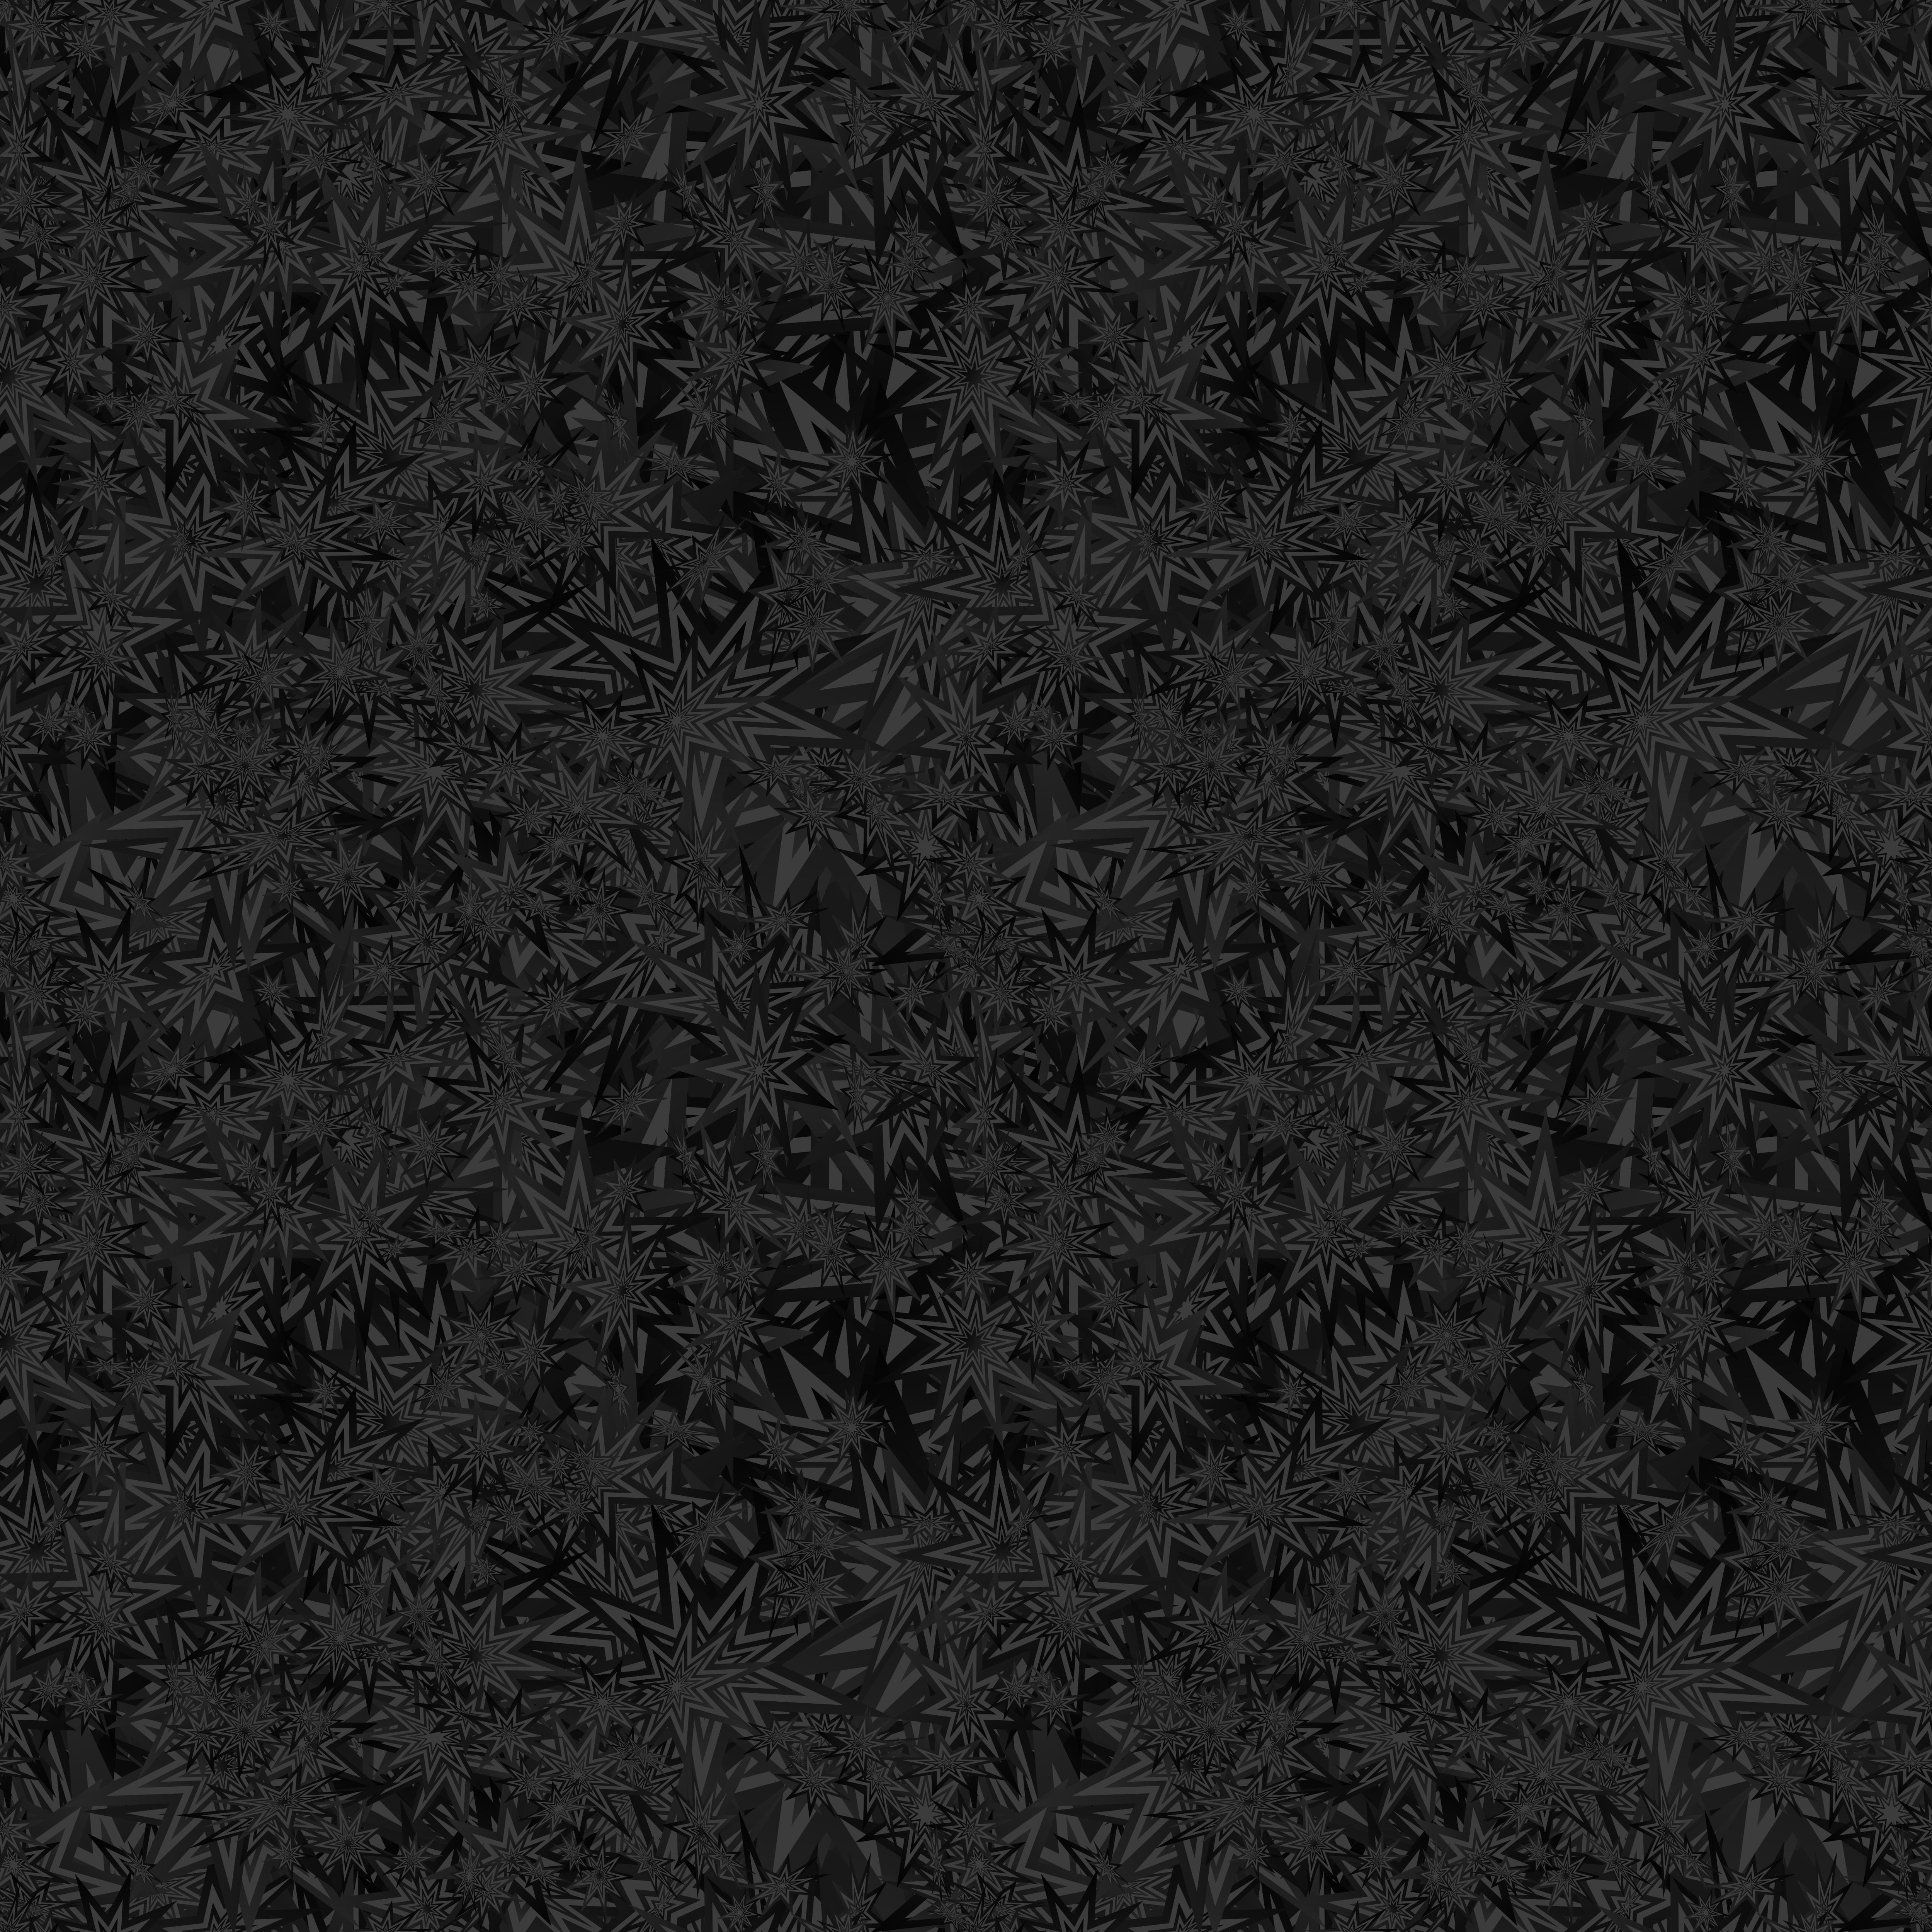 100463 télécharger le fond d'écran Textures, Texture, Le Noir, Ornement, Etoiles, Patterns - économiseurs d'écran et images gratuitement